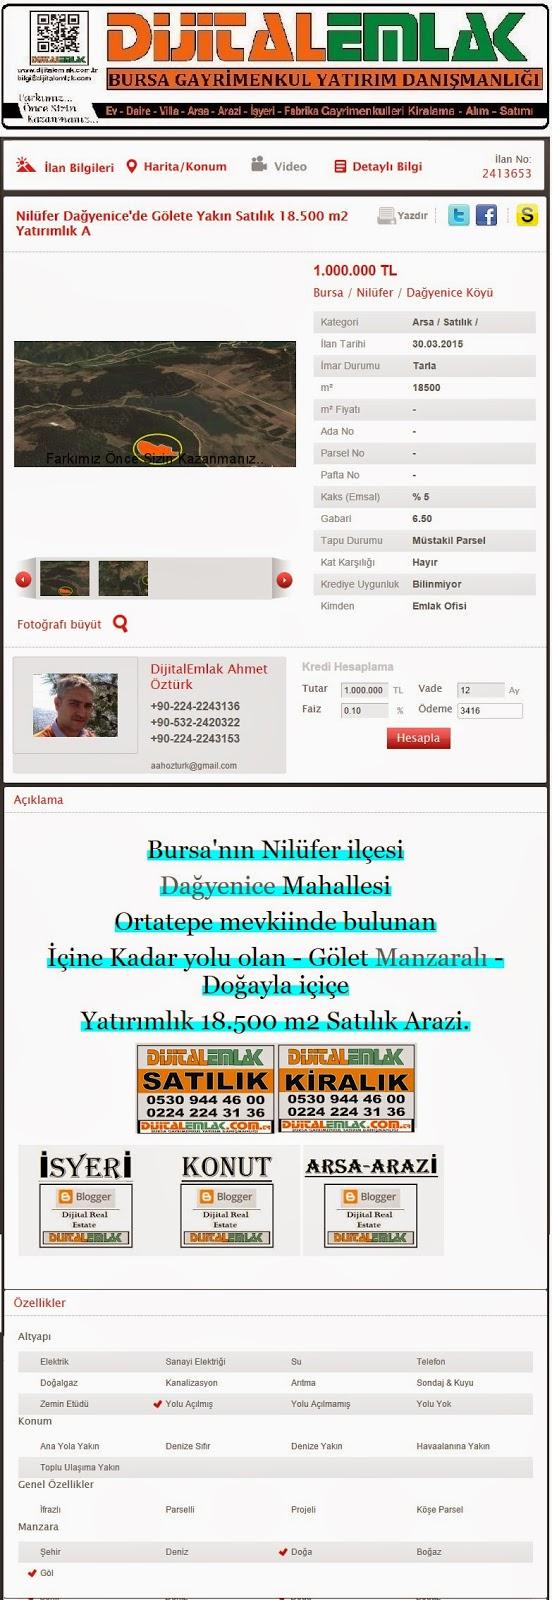 http://www.dijitalemlak.com.tr/ilan/2413653_nilufer-dagyenicede-golete-yakin-satilik-18500-m2-yatirimlik-a.html